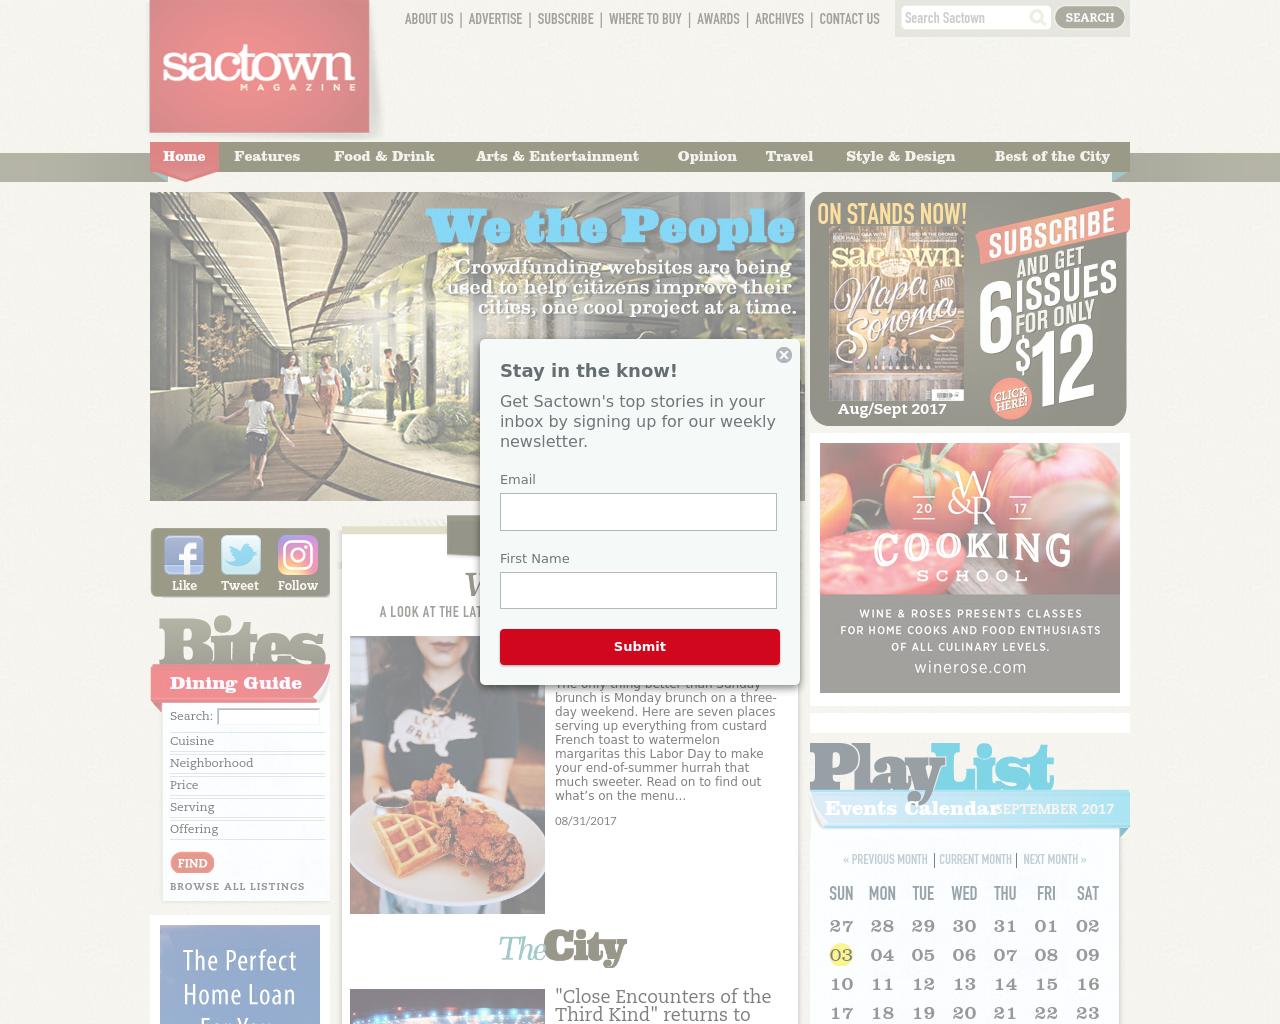 Sactown-Magazine-Advertising-Reviews-Pricing